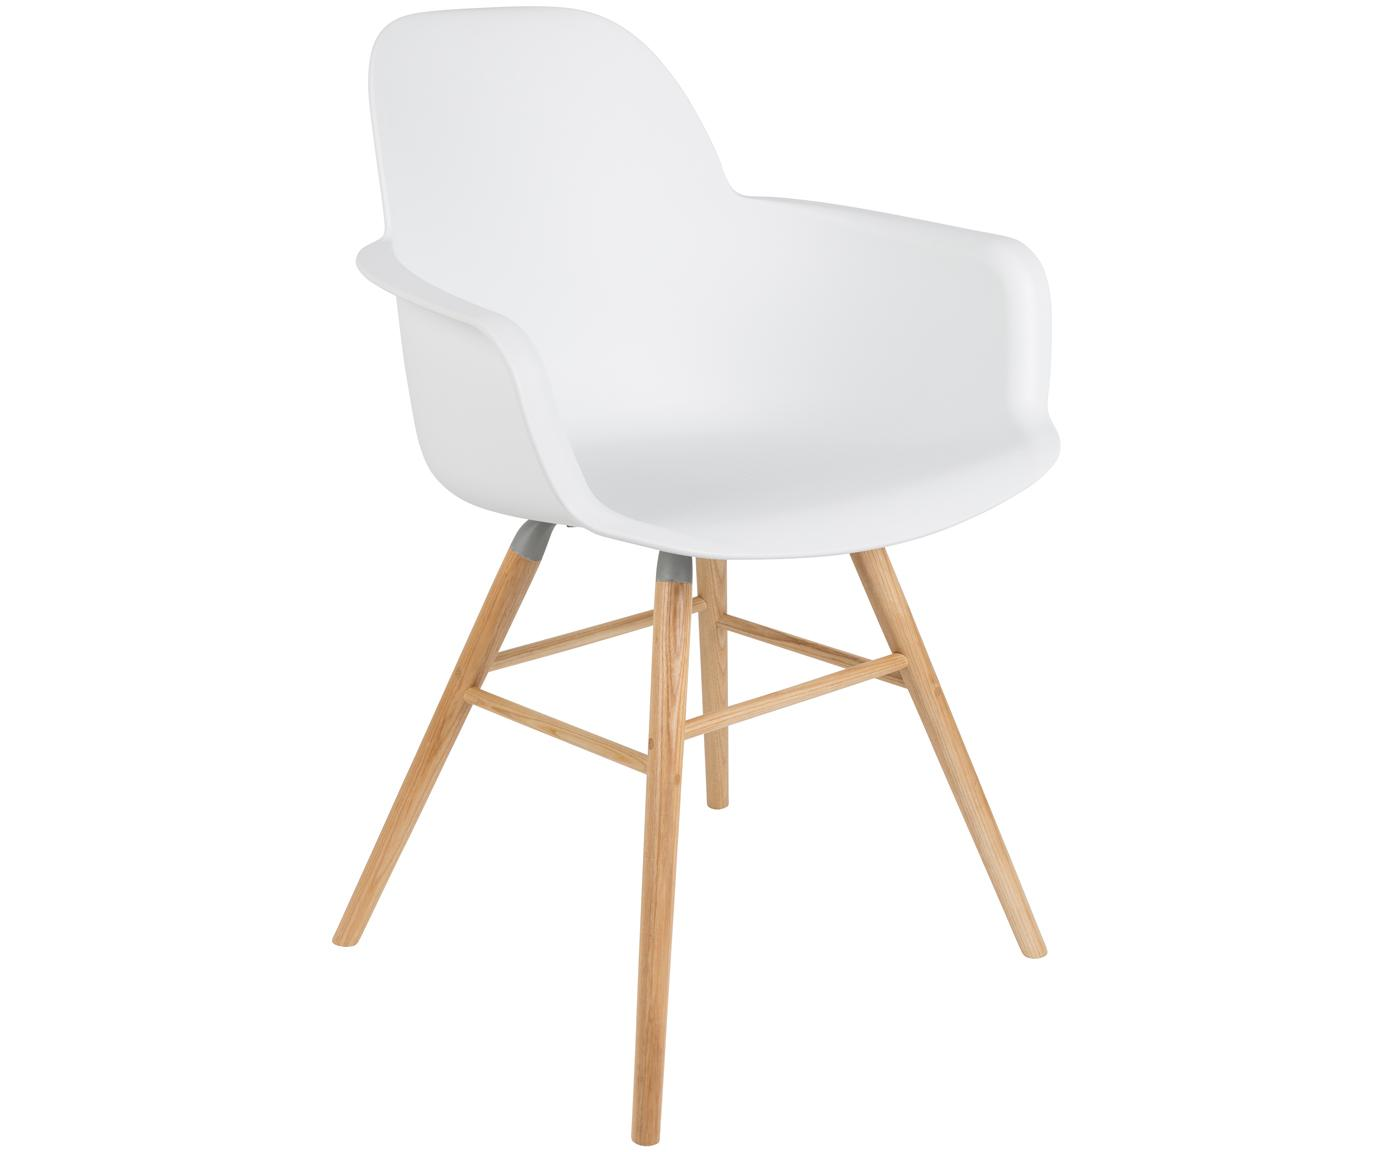 Krzesło z podłokietnikami Albert Kuip, Nogi: drewno jesionowe, Biały, S 59 x W 82 cm